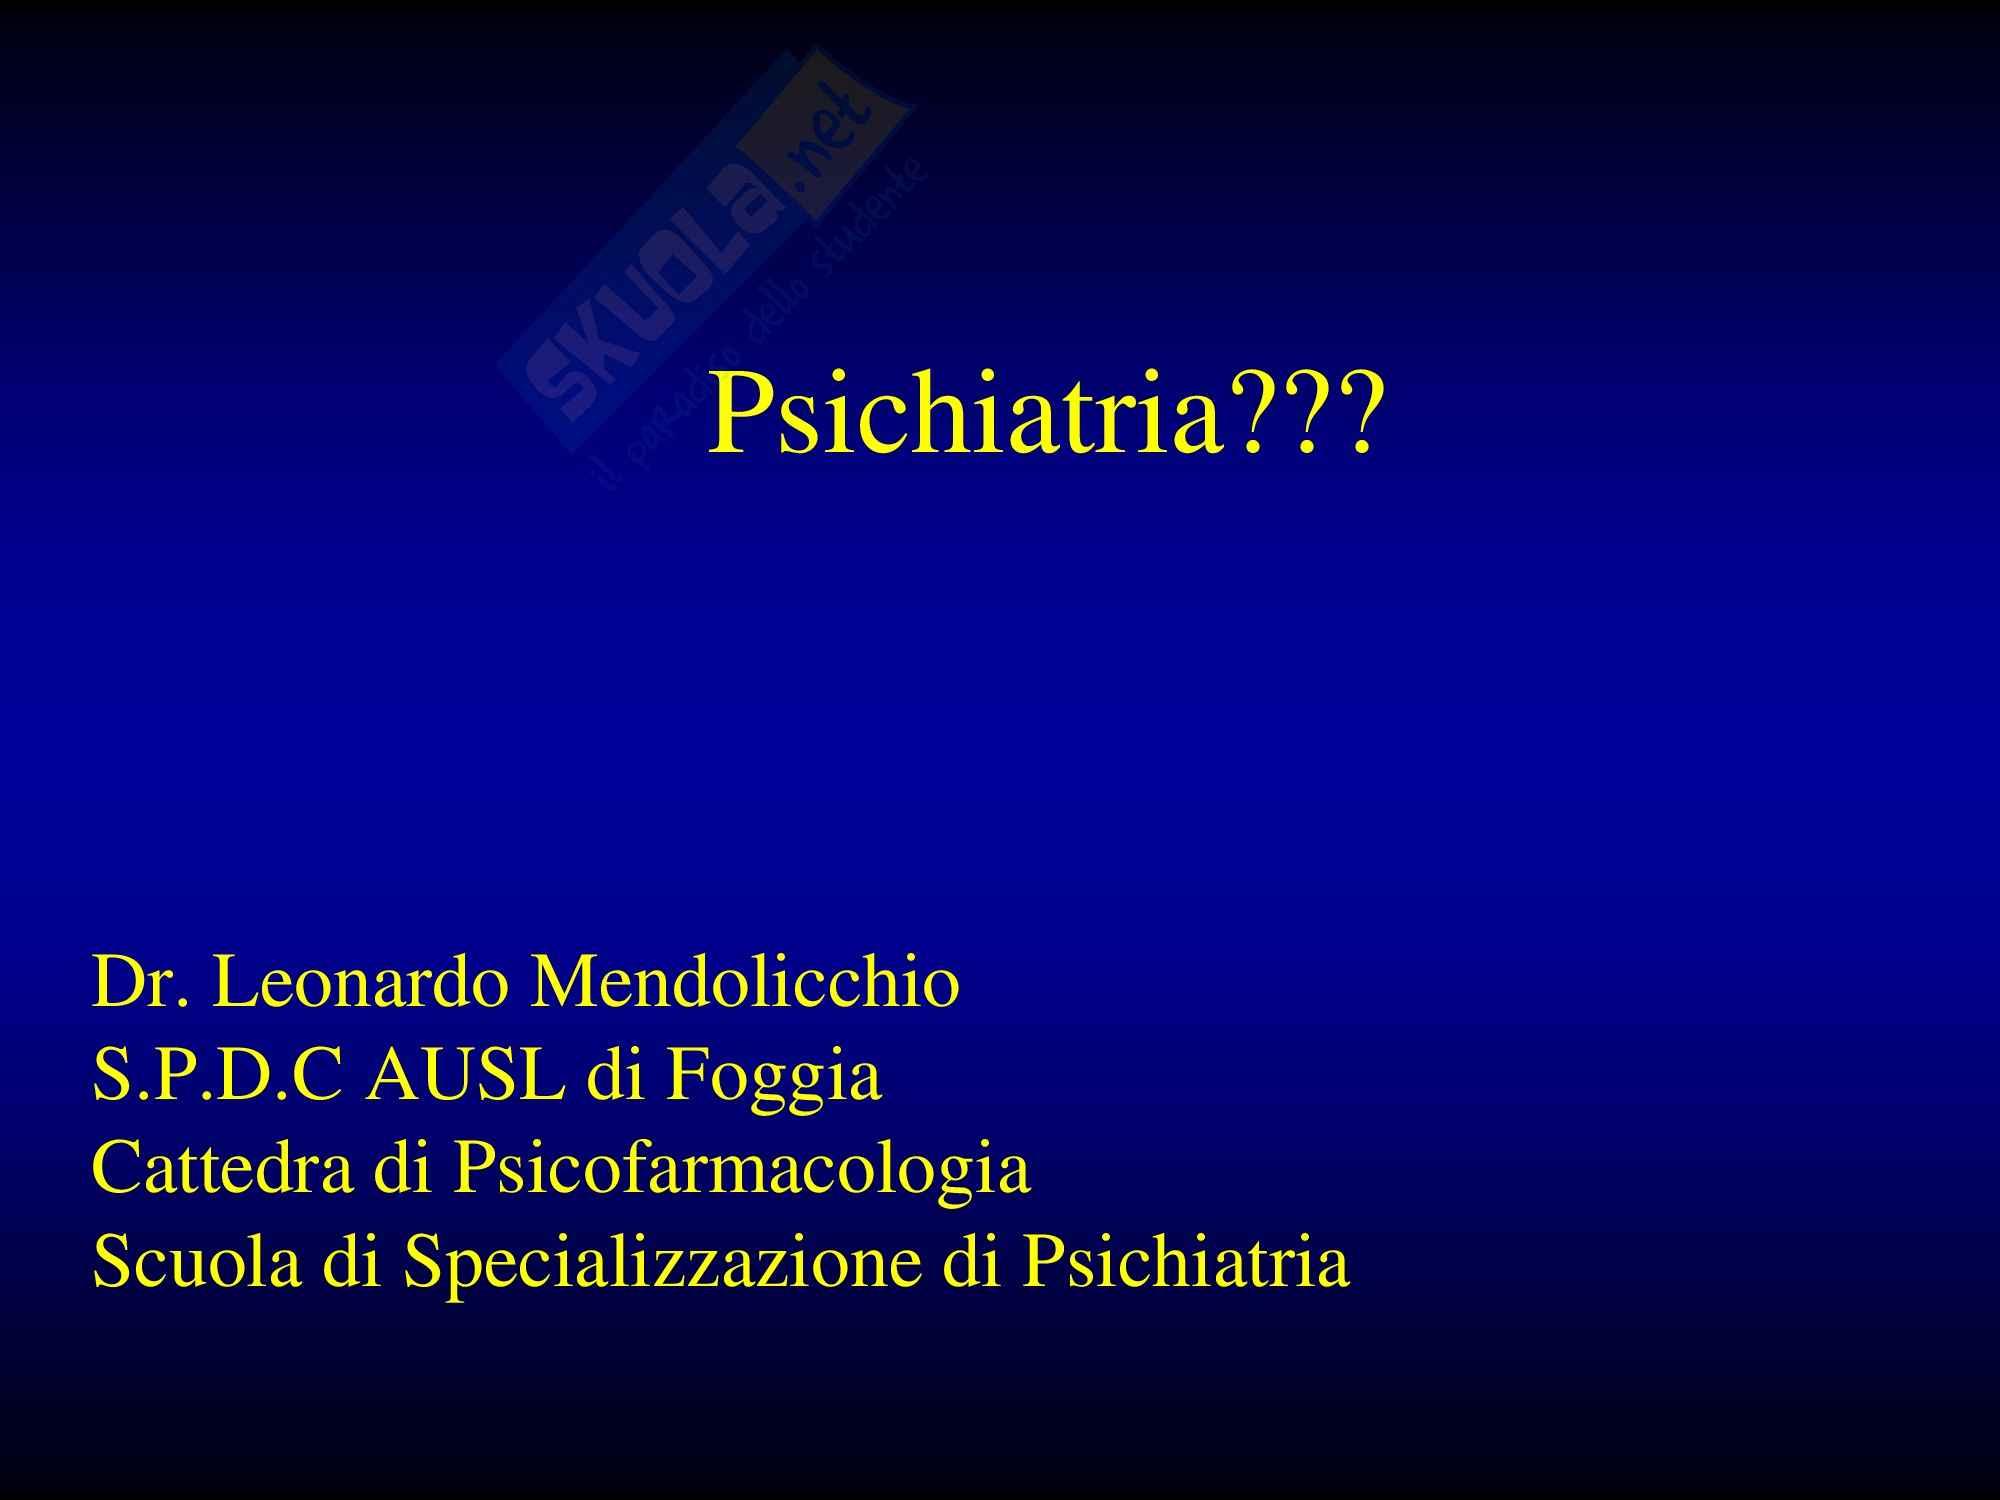 Psichiatria - generalità